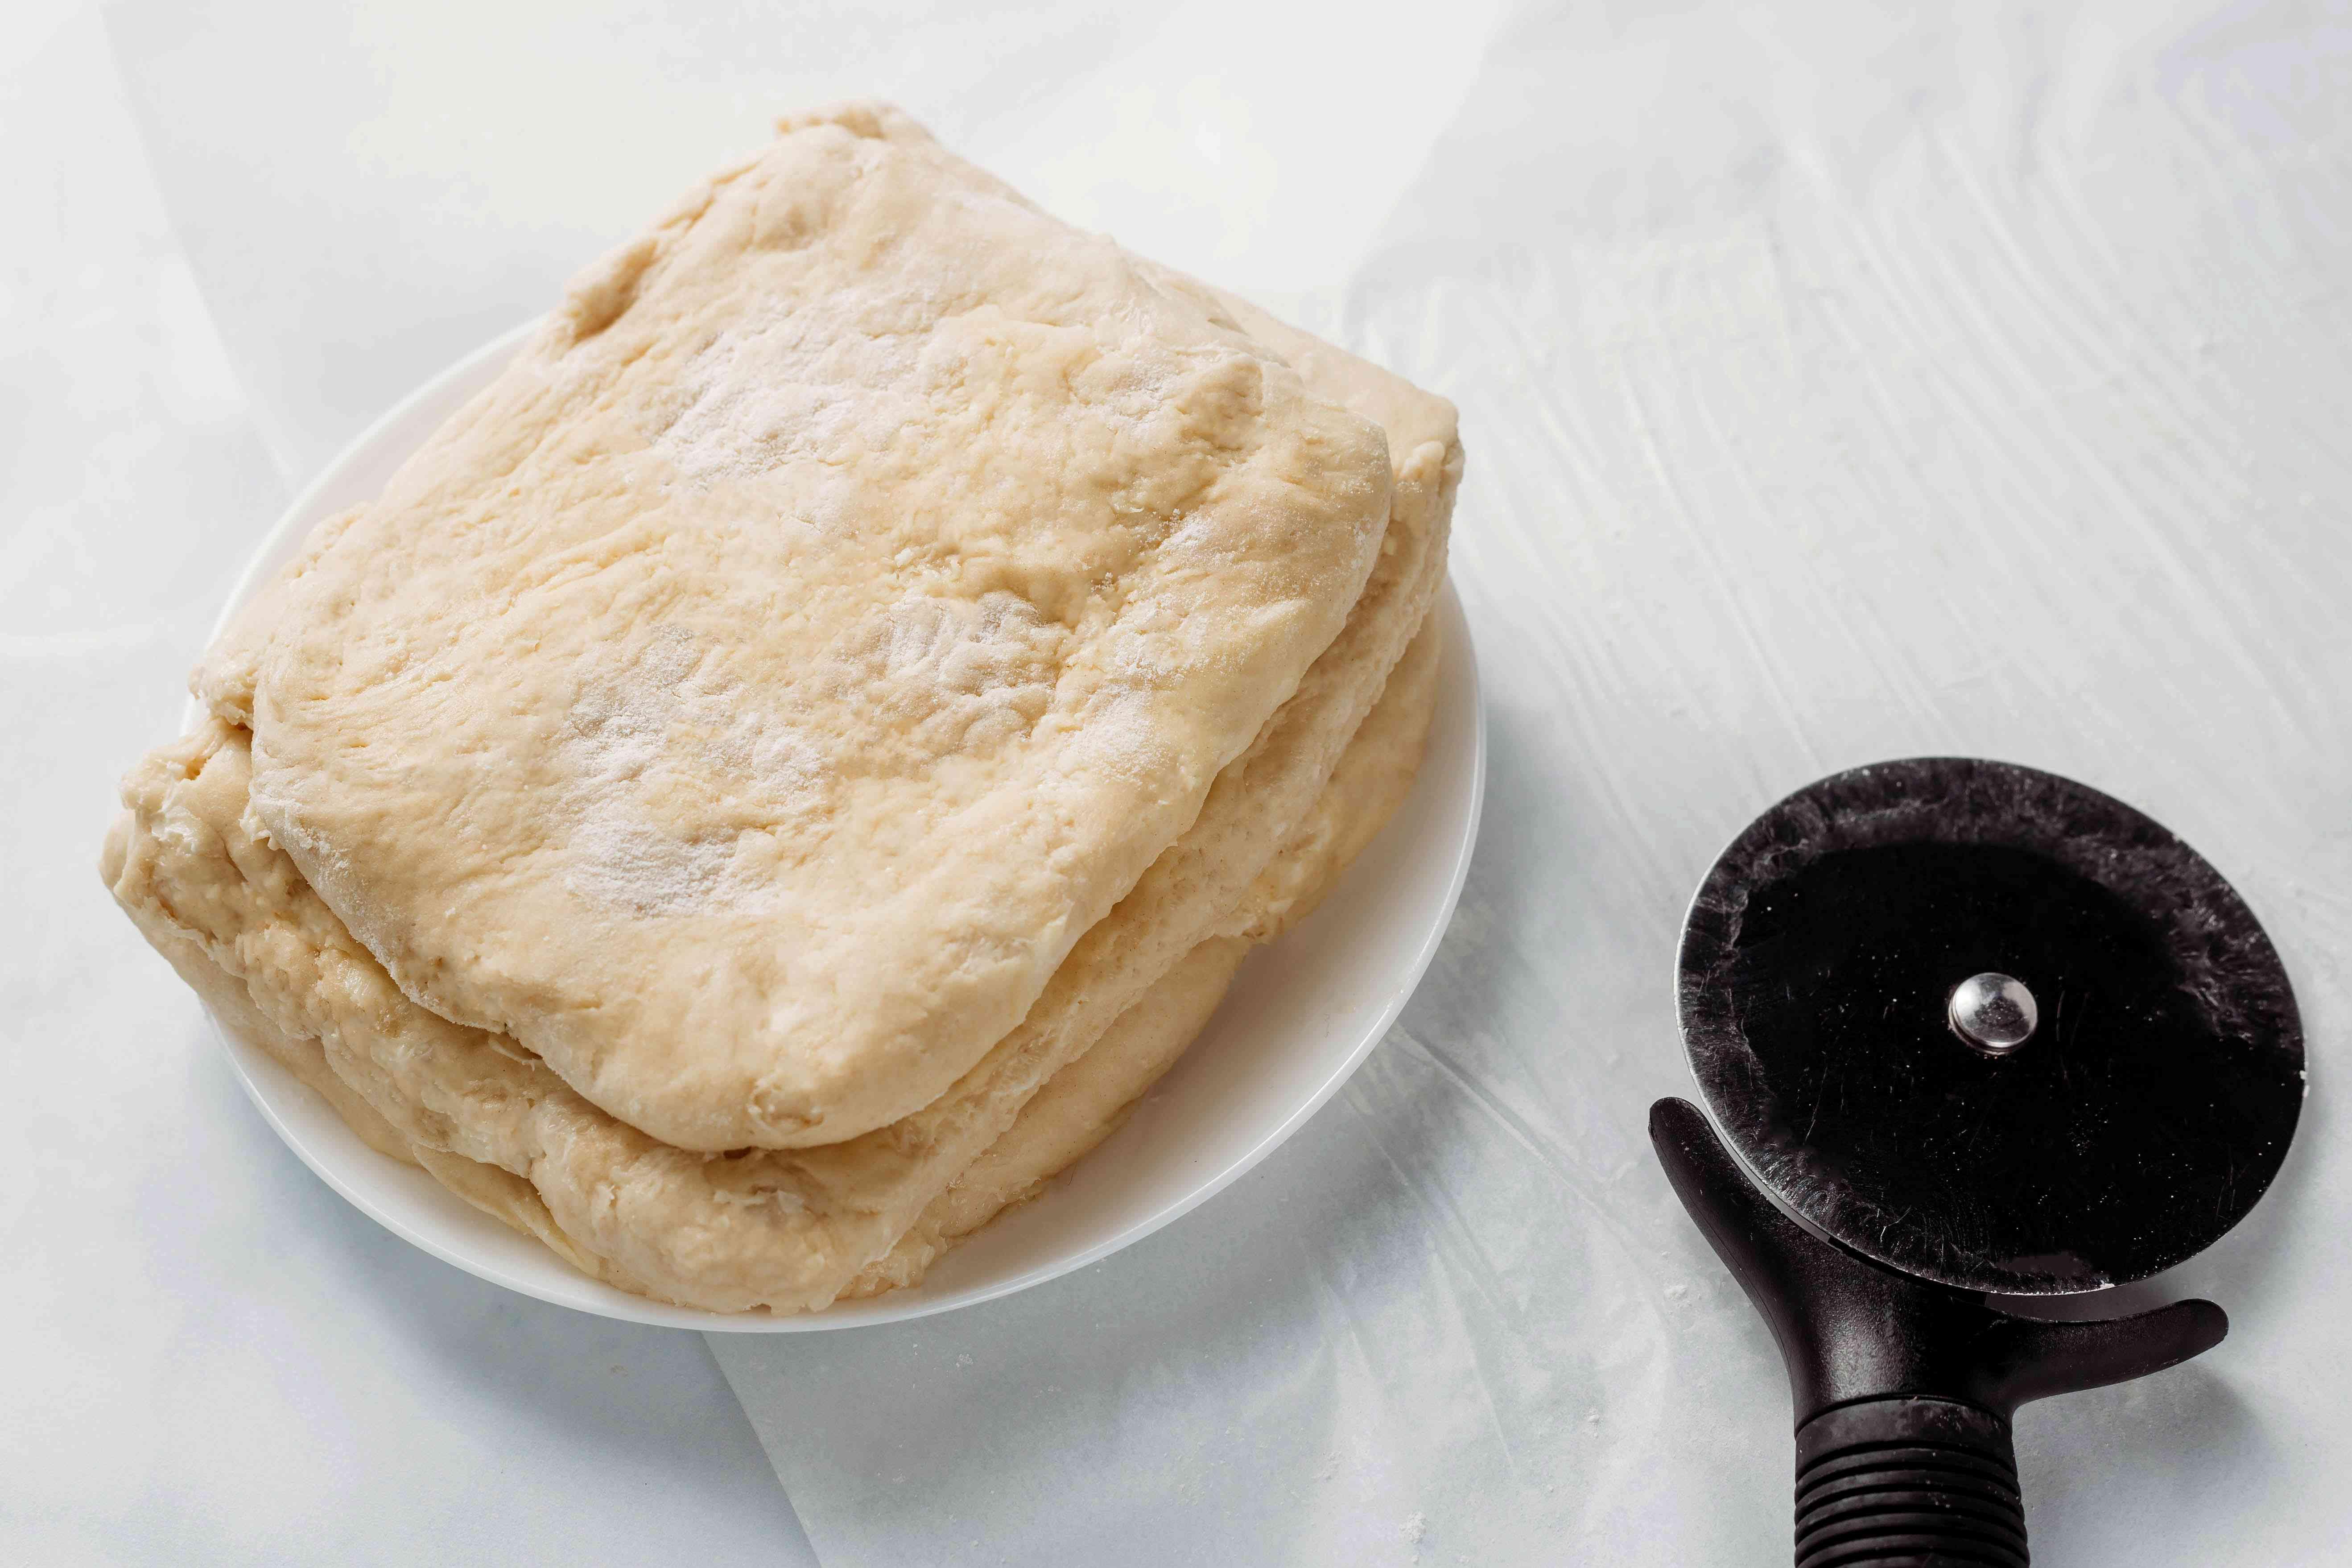 Cronut Dough on a plate